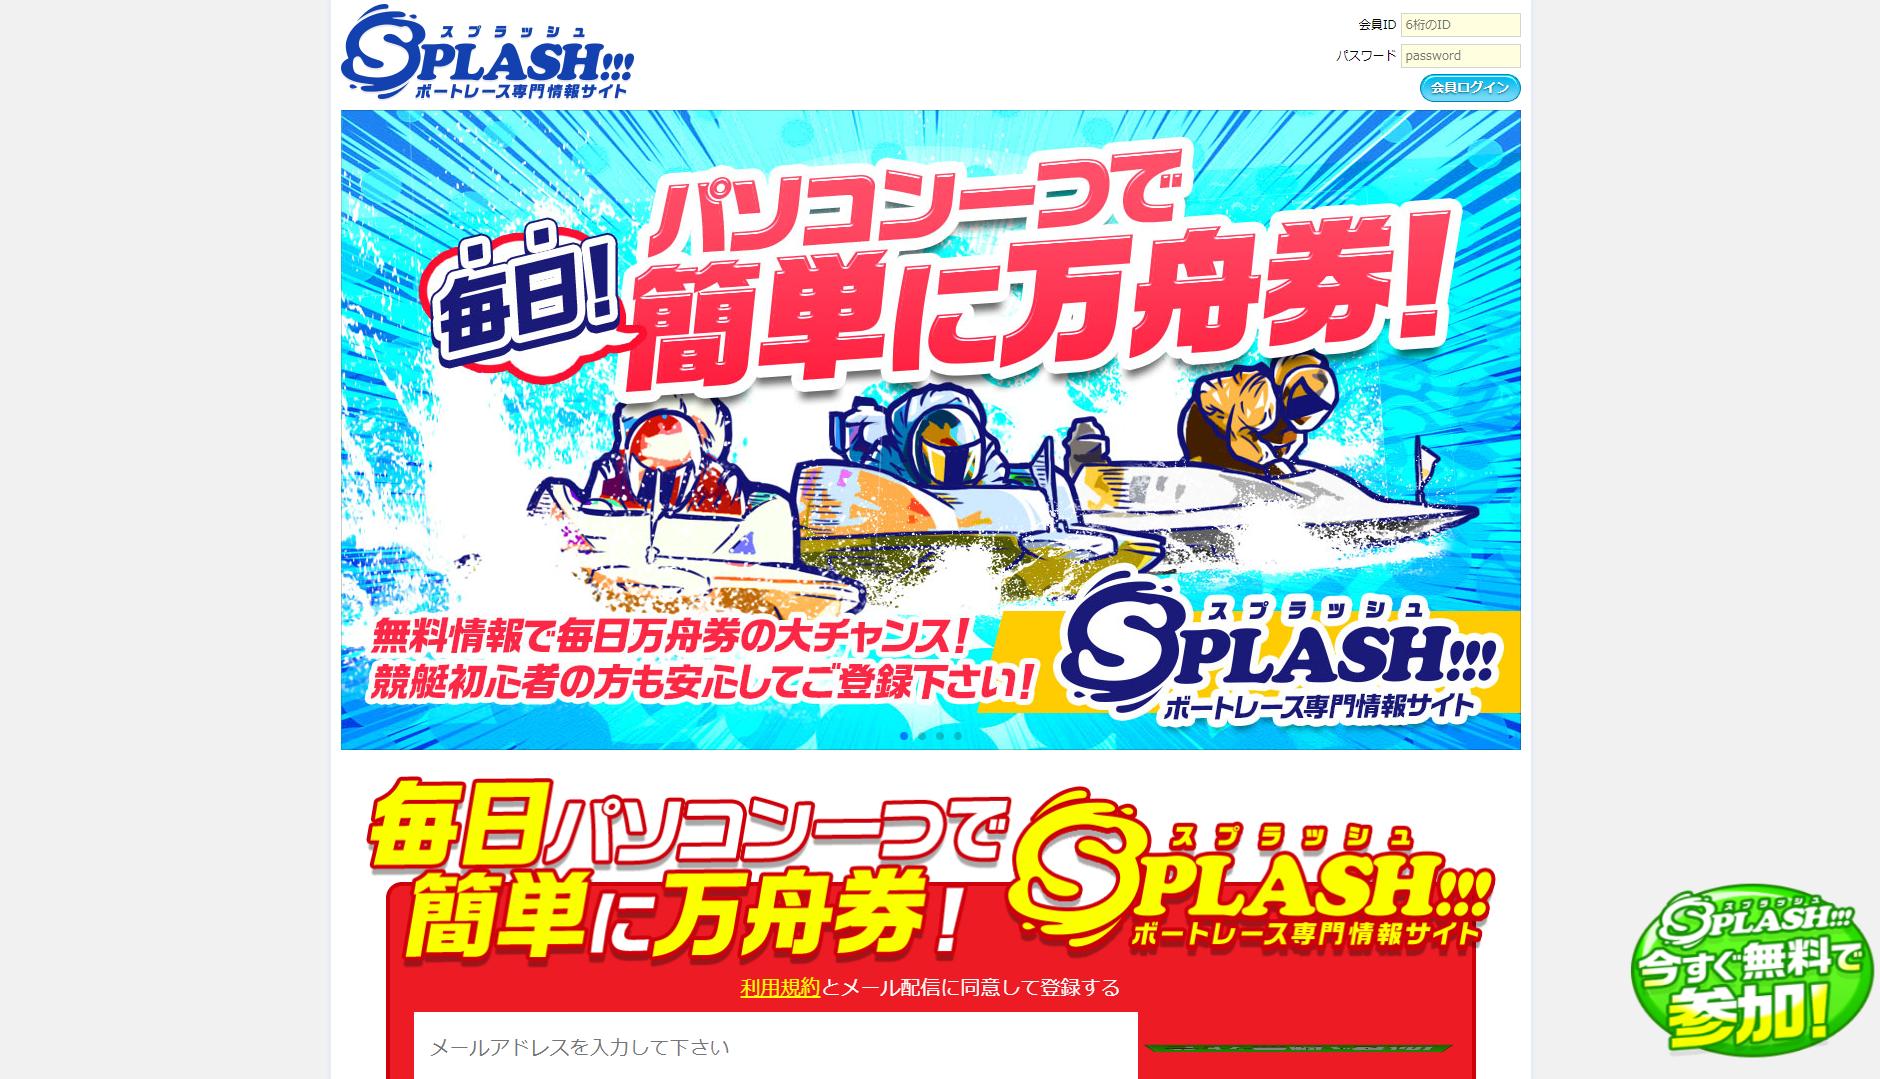 悪徳・悪質競艇(ボートレース)予想サイト スプラッシュ